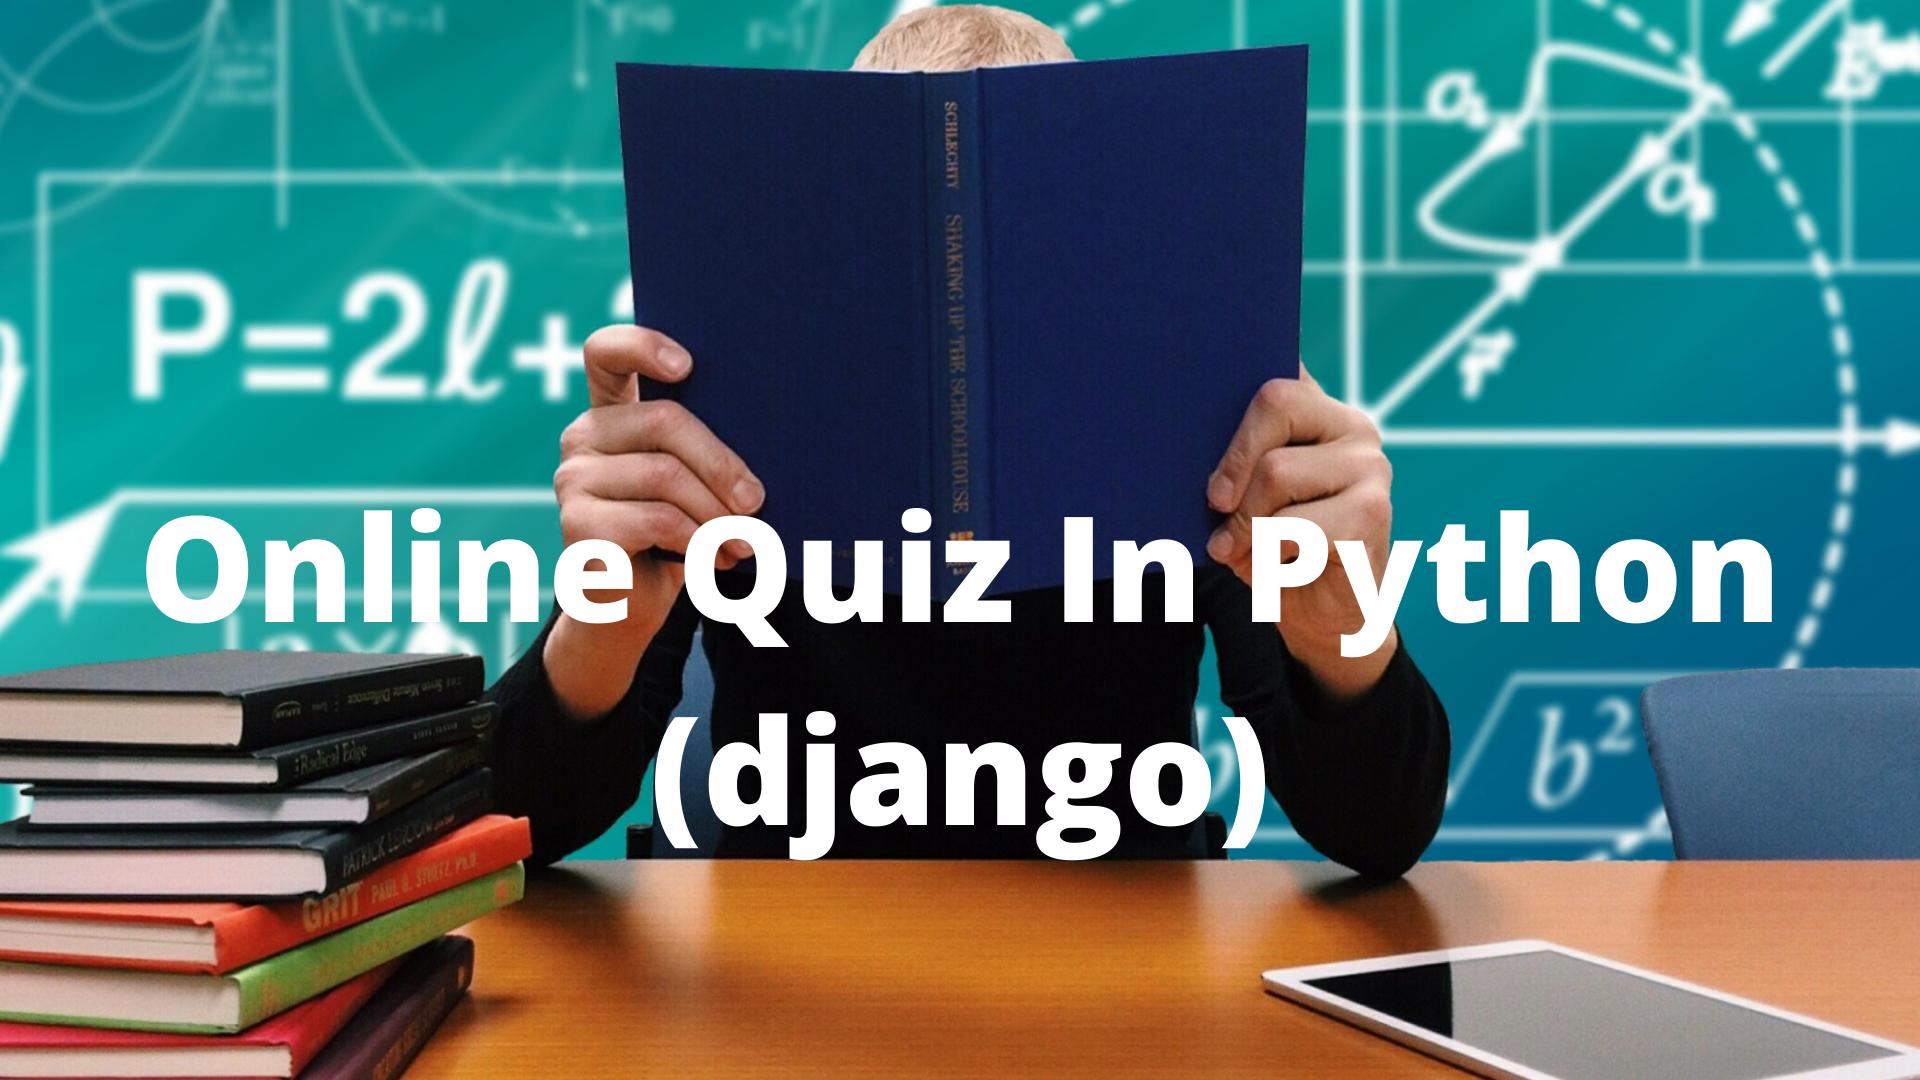 Online Quiz In Python (Django)